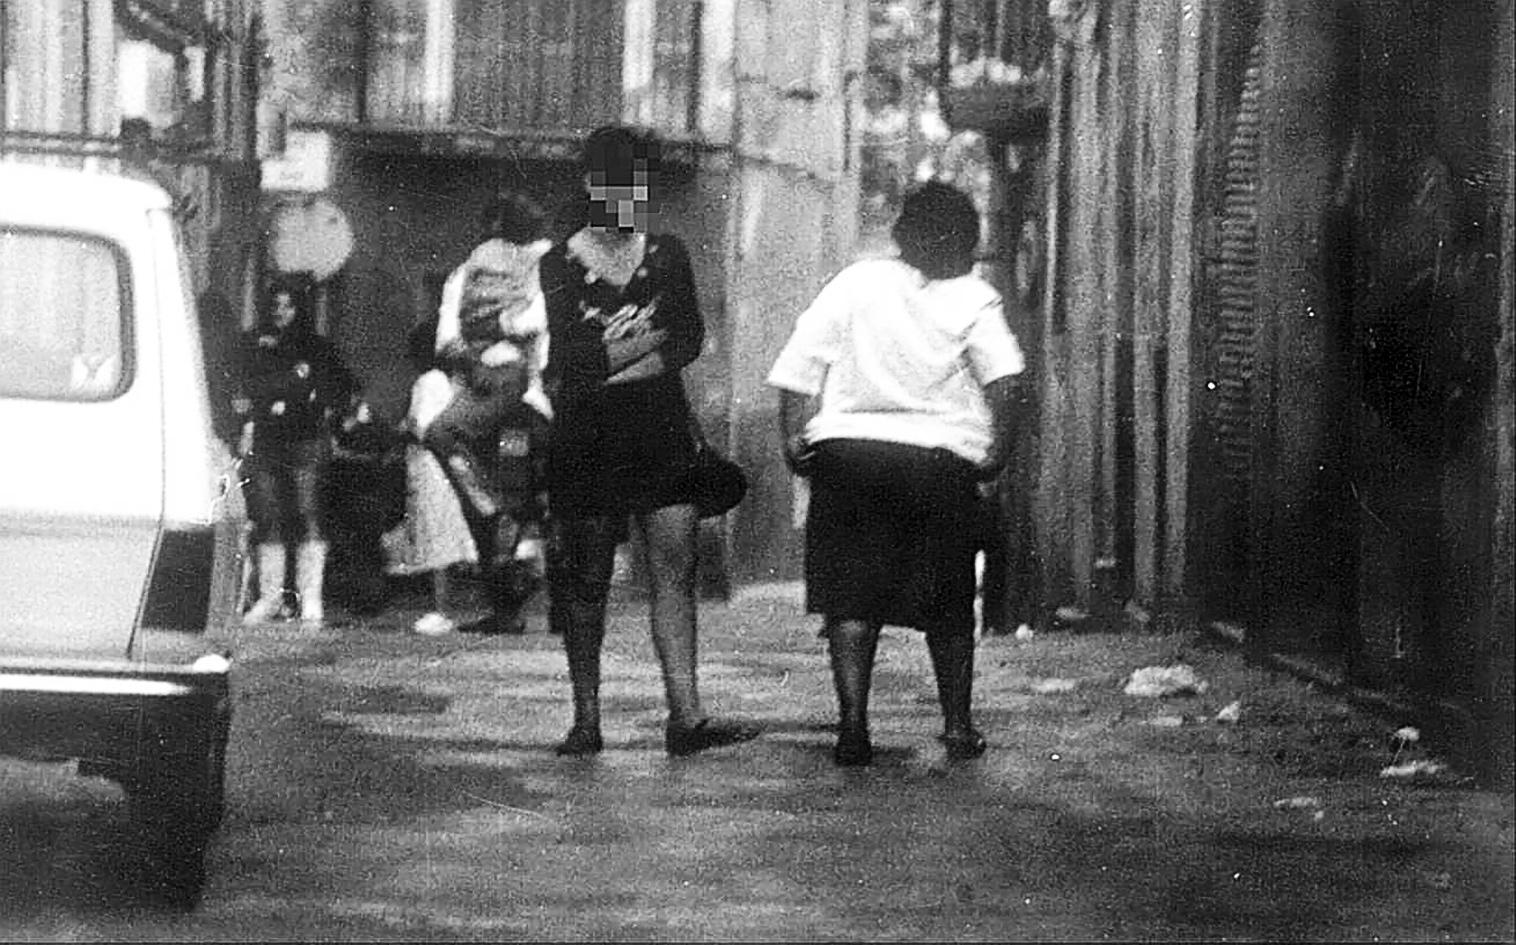 PROSTITUTAS EN EL BARRIO CHINO DE PALMA